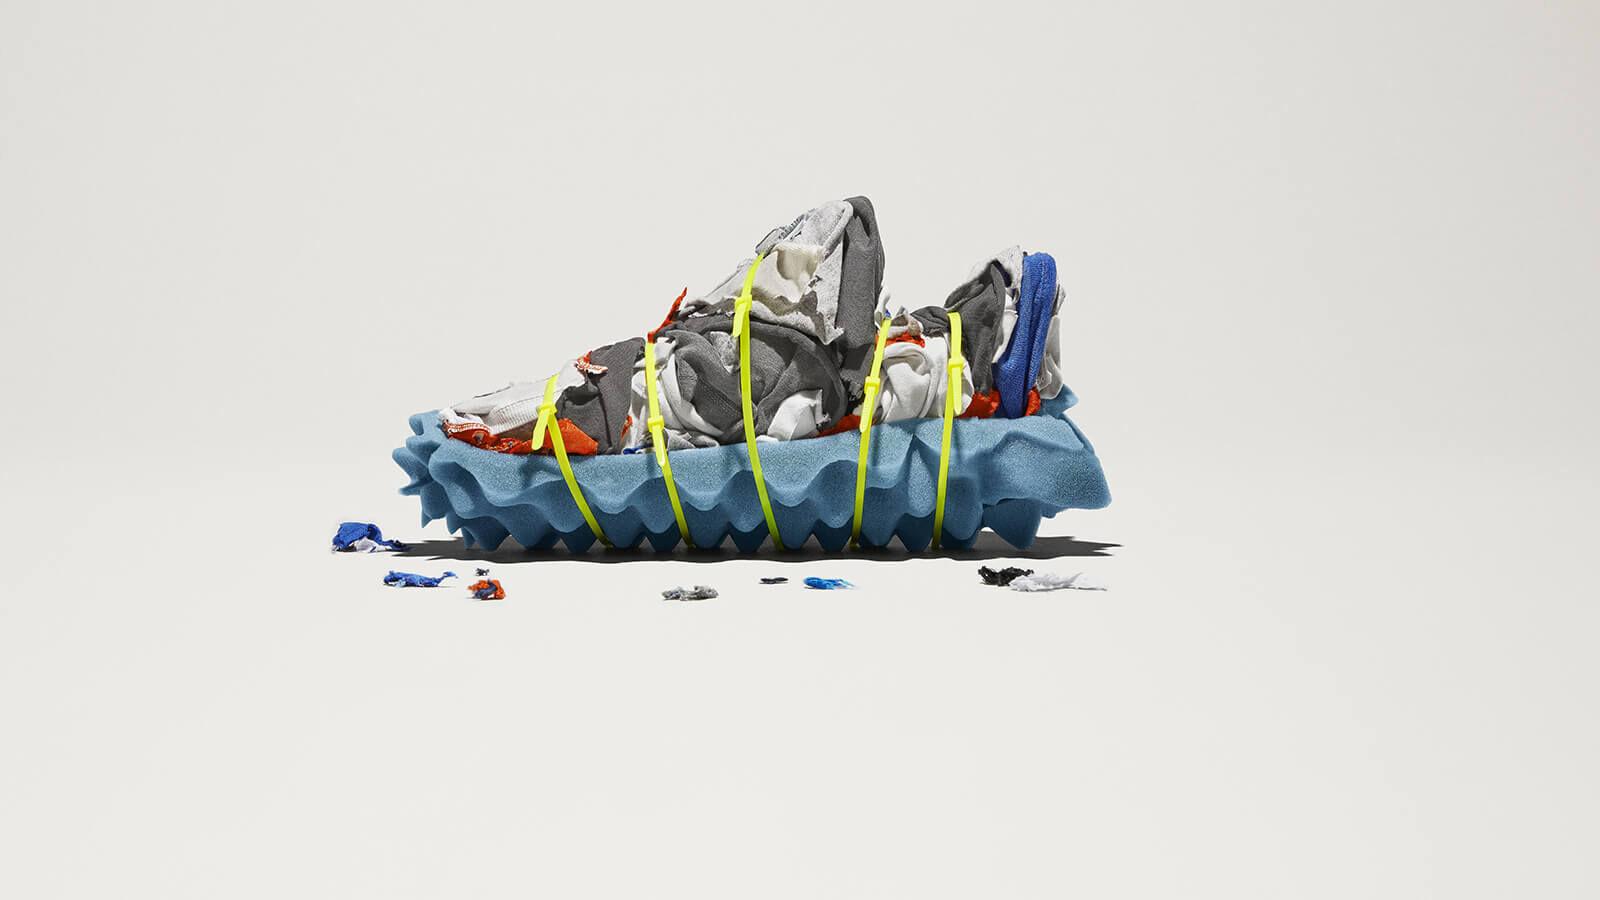 radioactividad Mendigar Variedad  Coolhuntermx | Tenis hechos de basura, el calzado sustentable de Nike